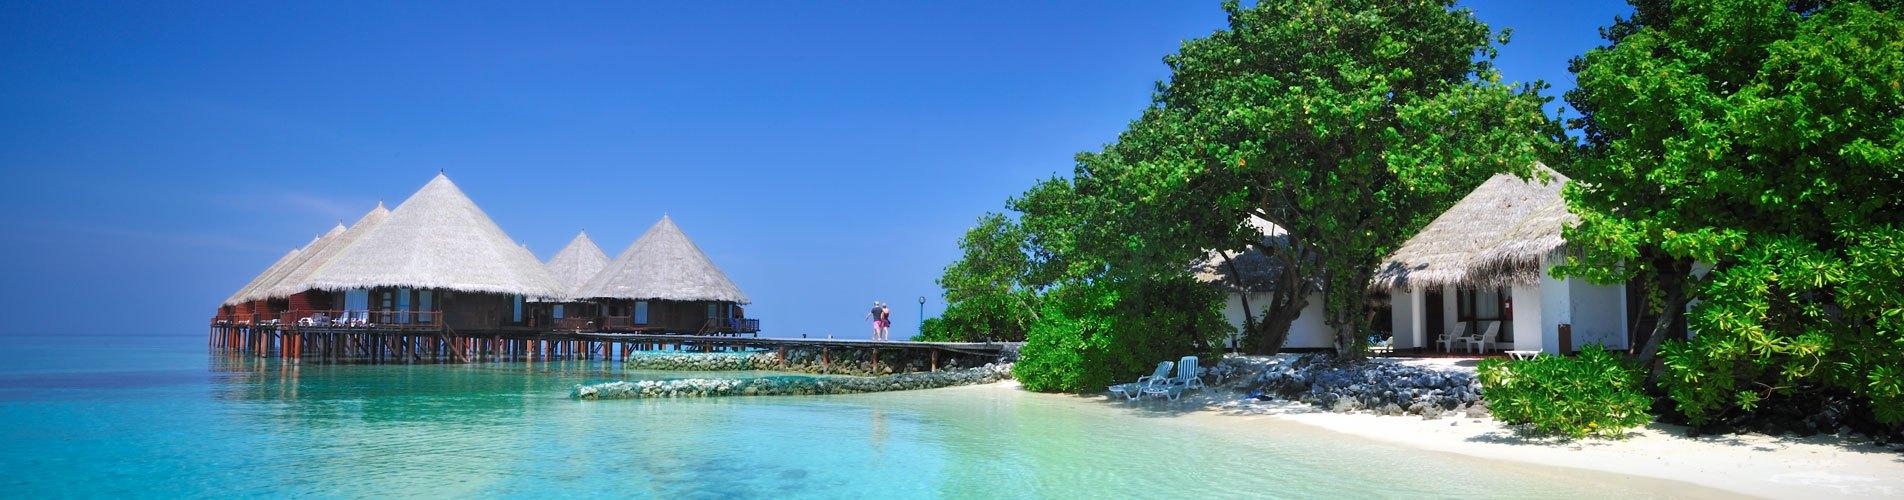 维利多岛 Velidhu Island Resort ,马尔代夫风景图片集:沙滩beach与海水water太美,泳池pool与水上活动watersport好玩